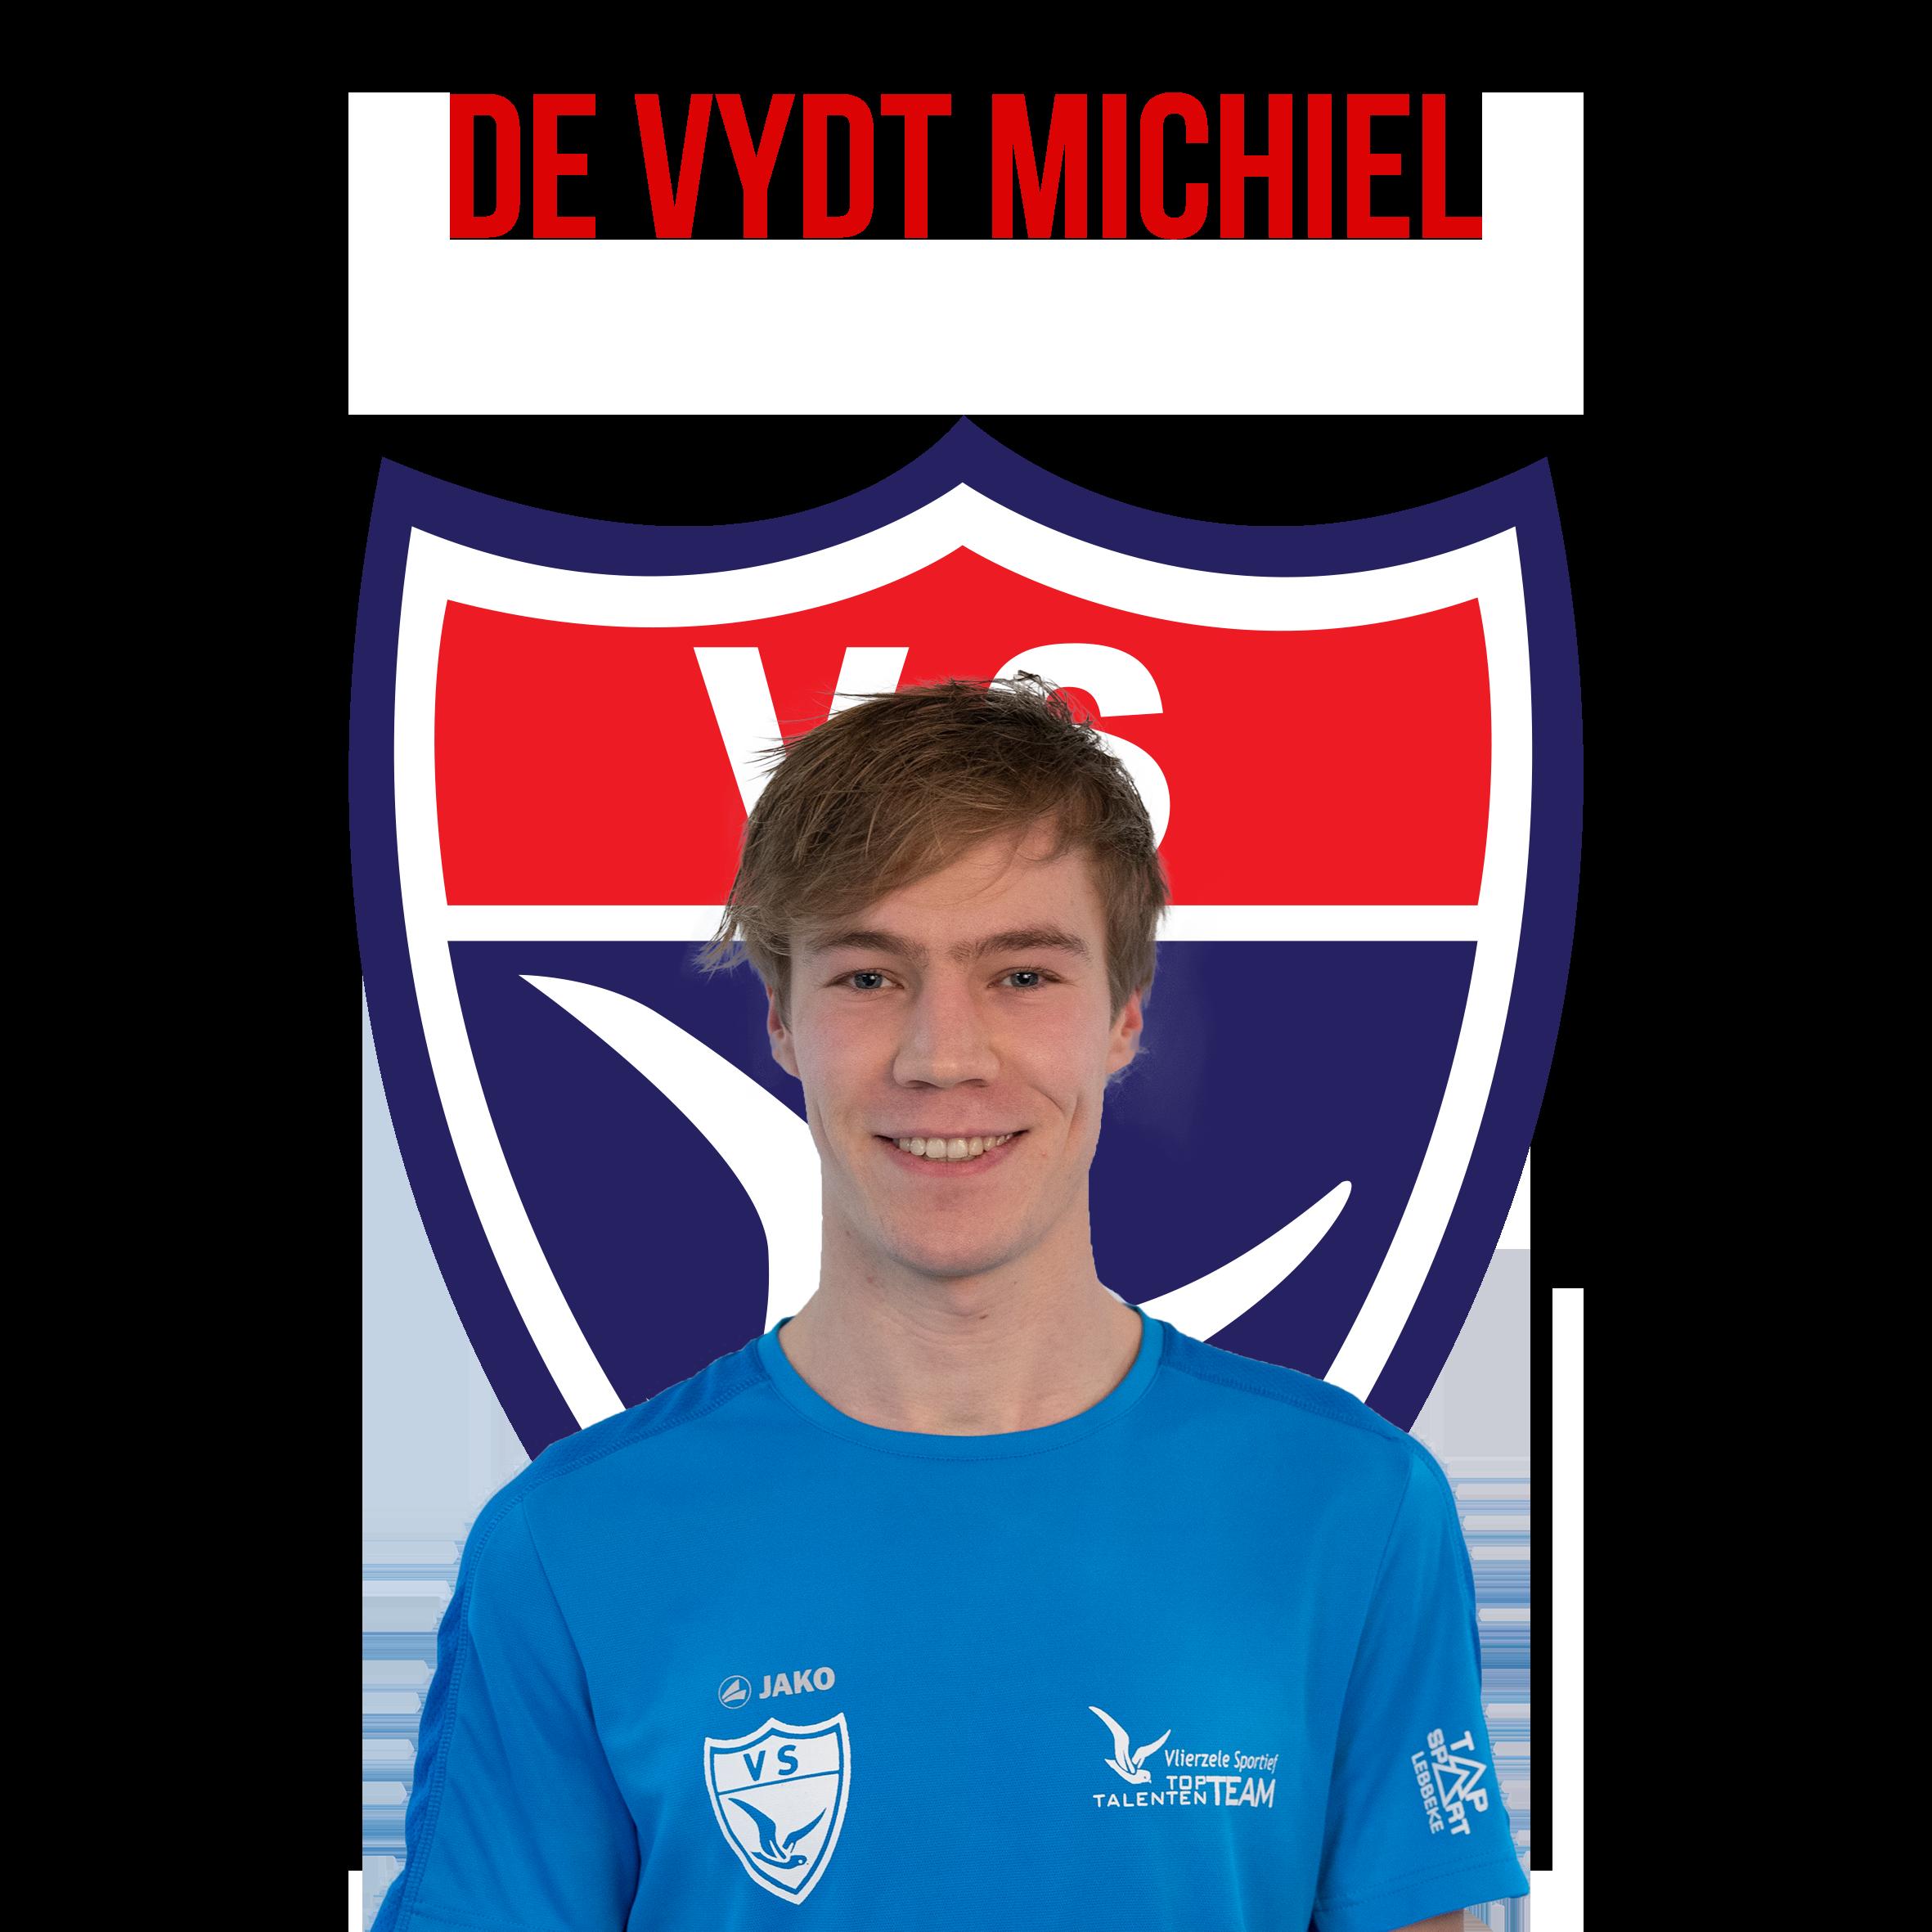 De_vydt_michiel